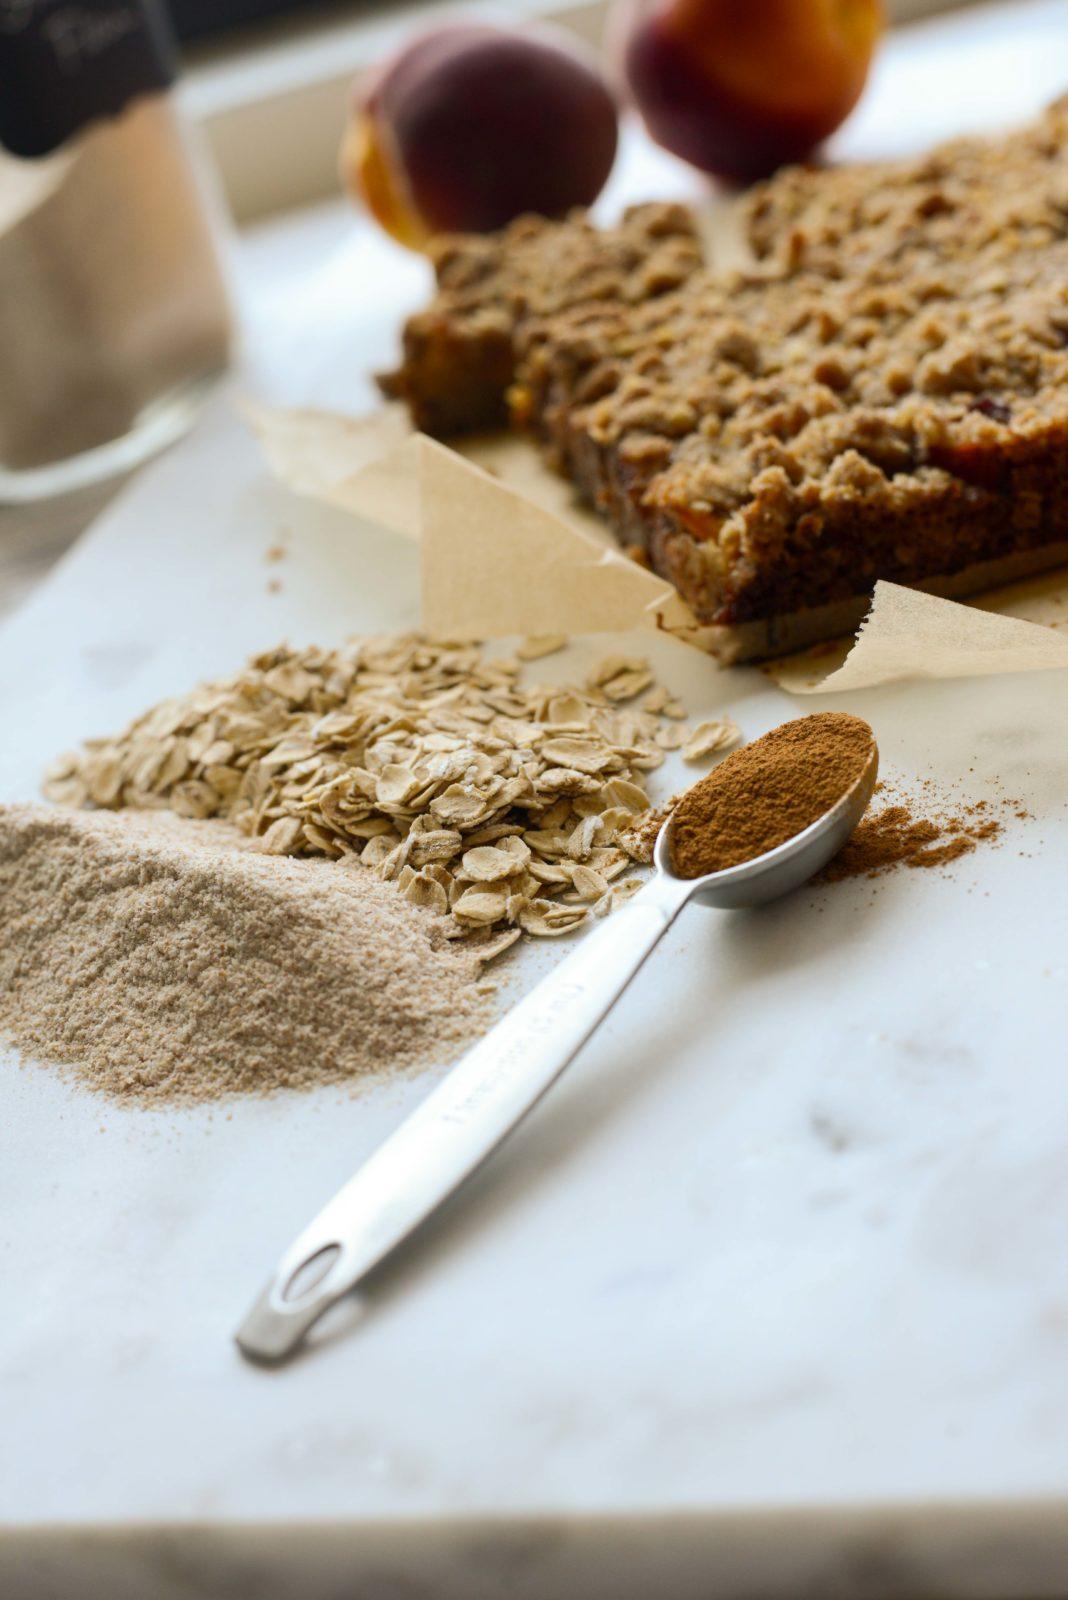 Graham Flour, Oats, Crumble Spice